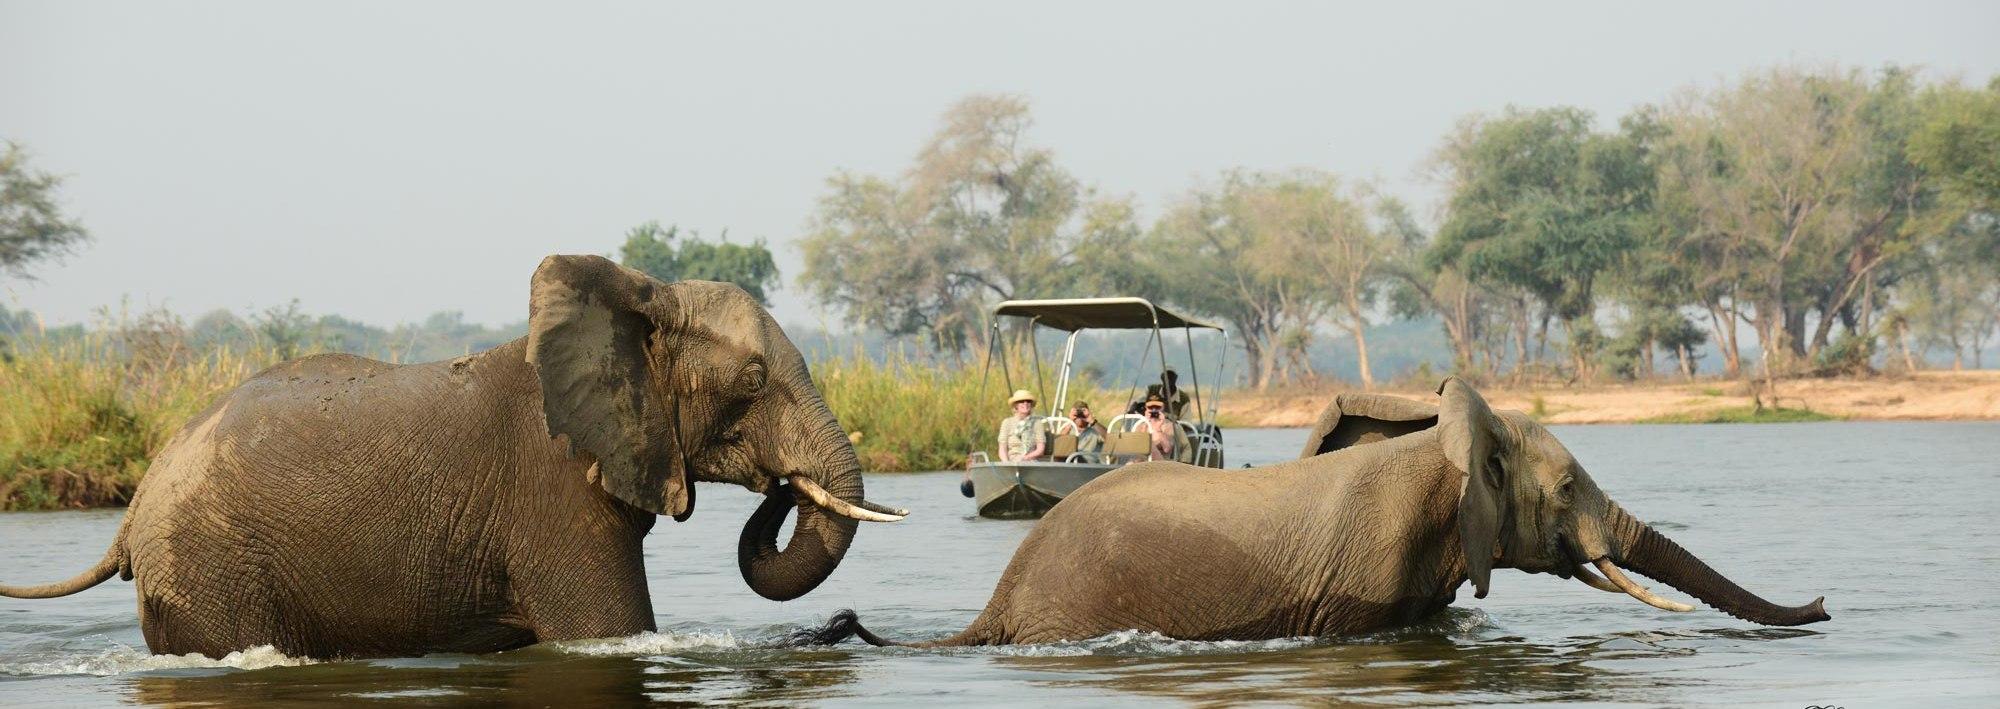 sausage-tree-camp-river-safari